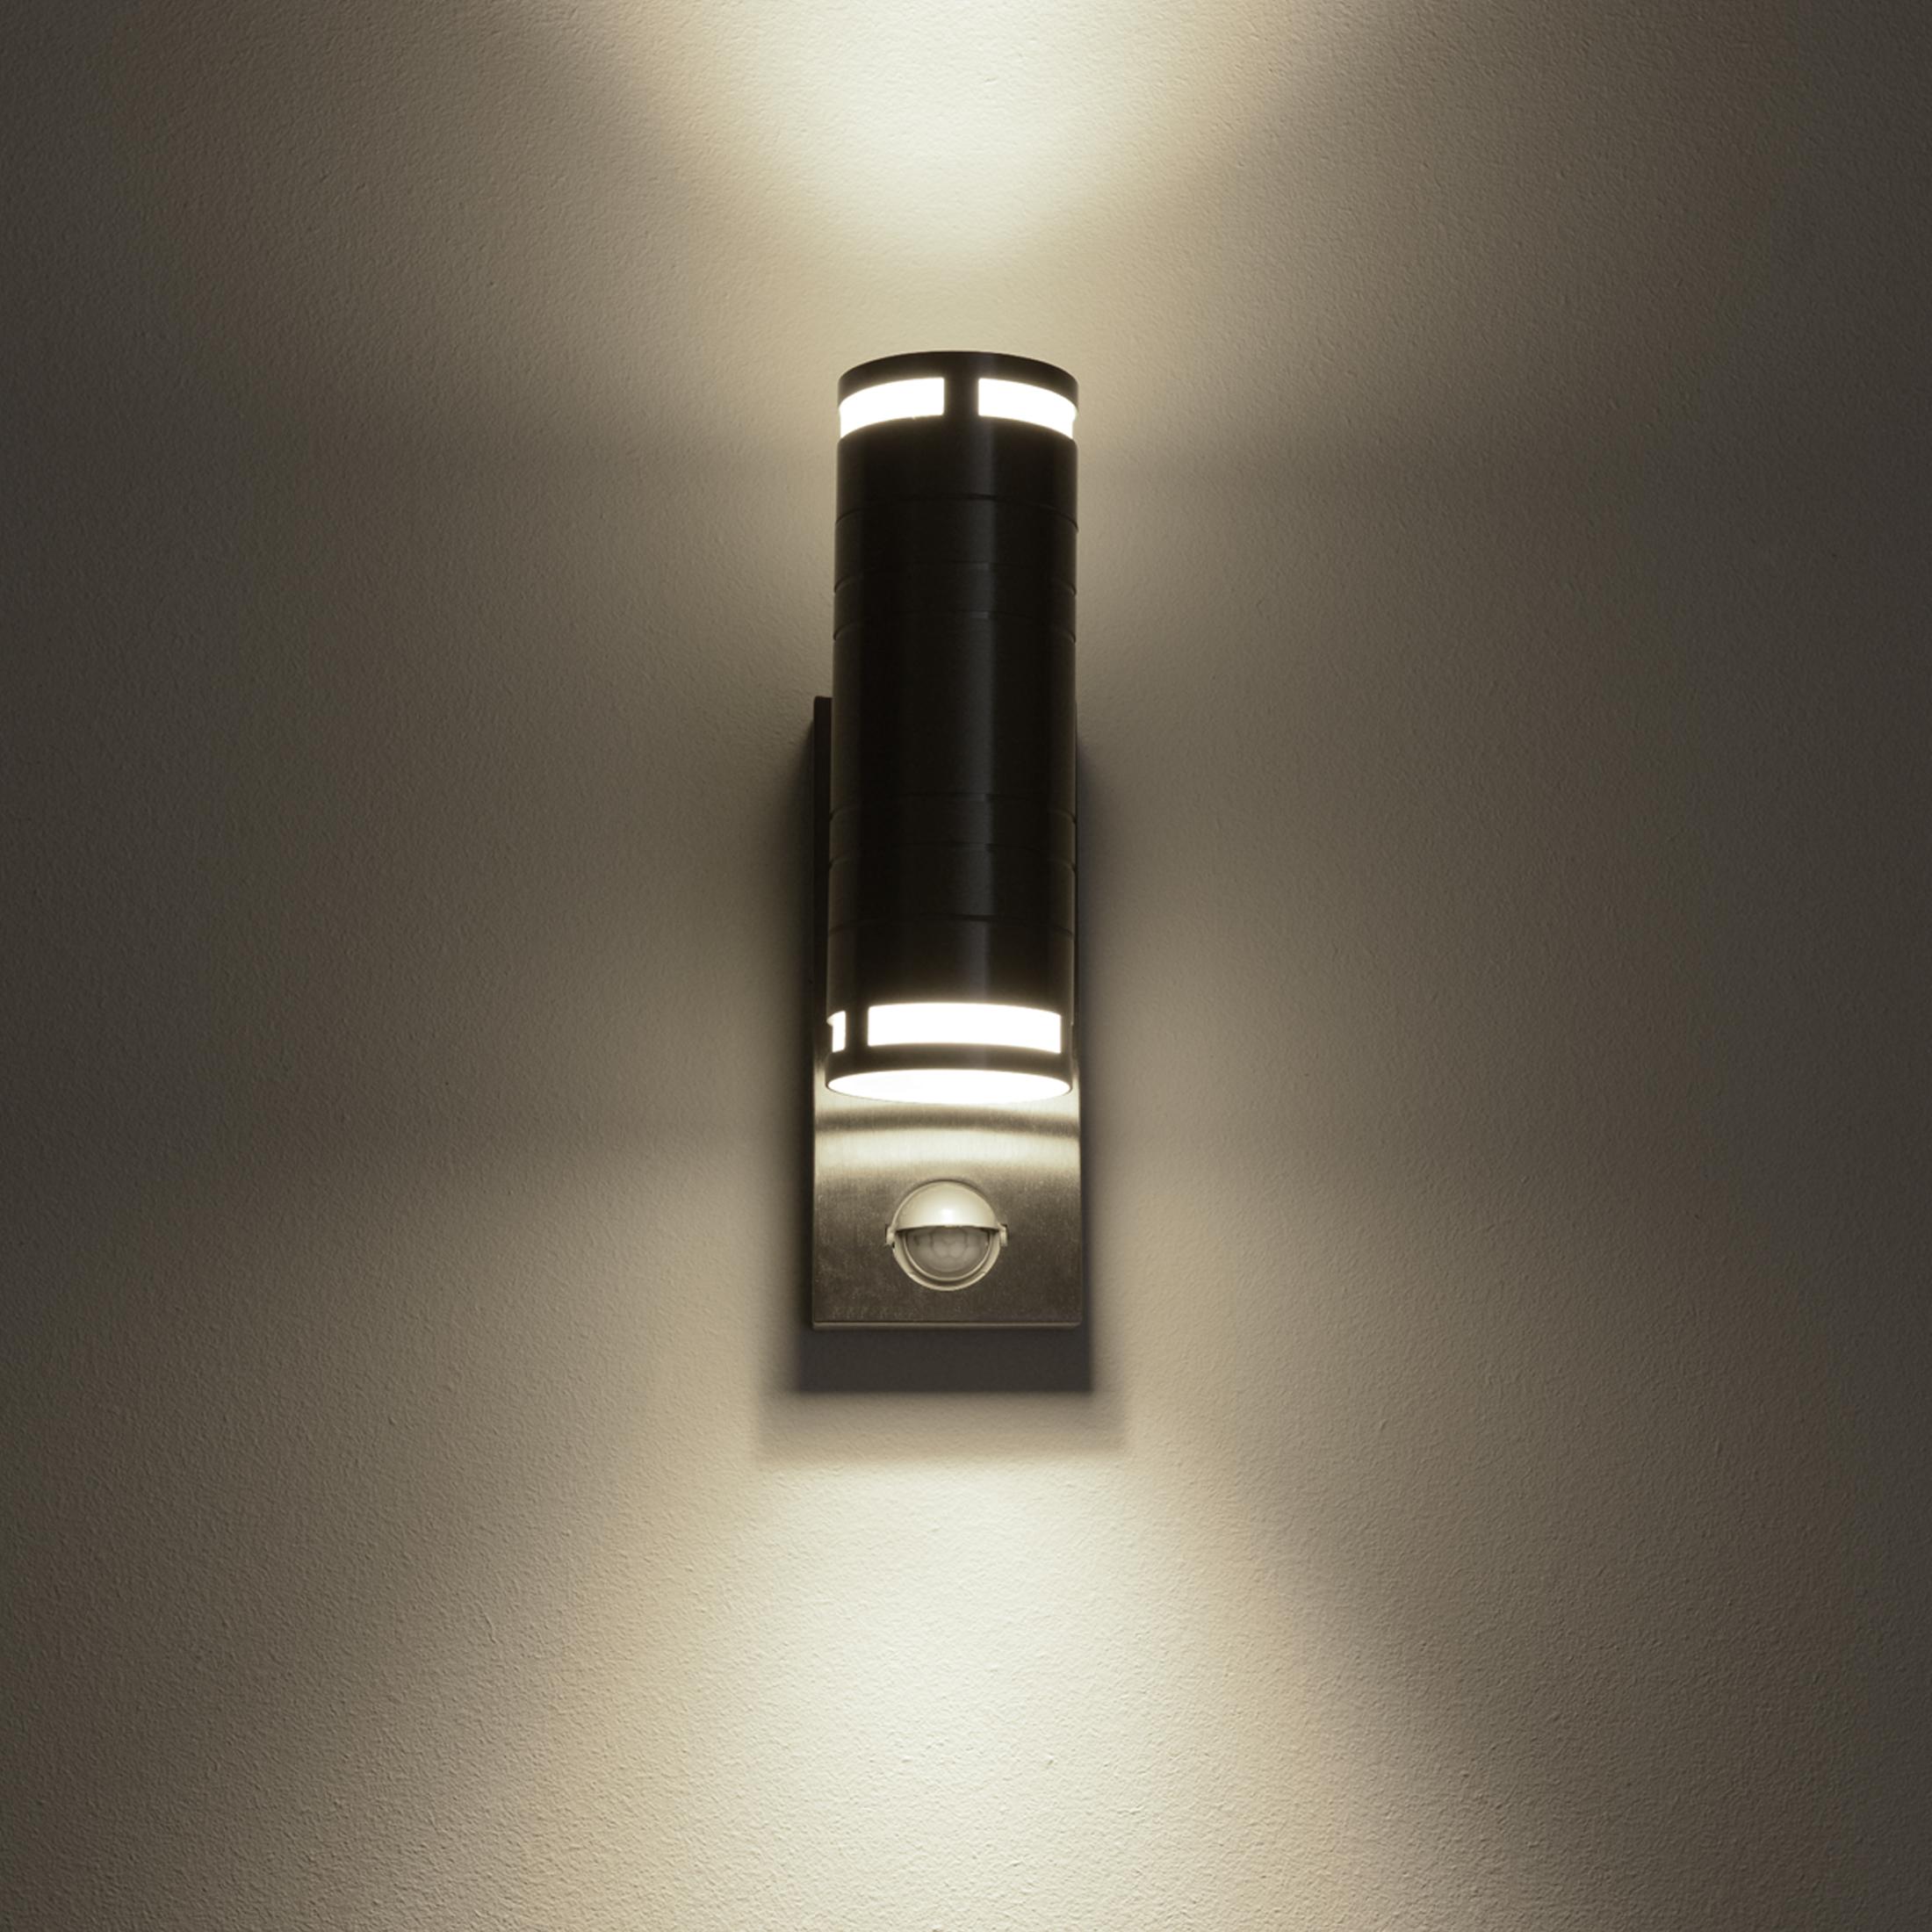 Außenwandleuchte aus Edelstahl mit Bewegungsmelder und 2 Halogenlampen